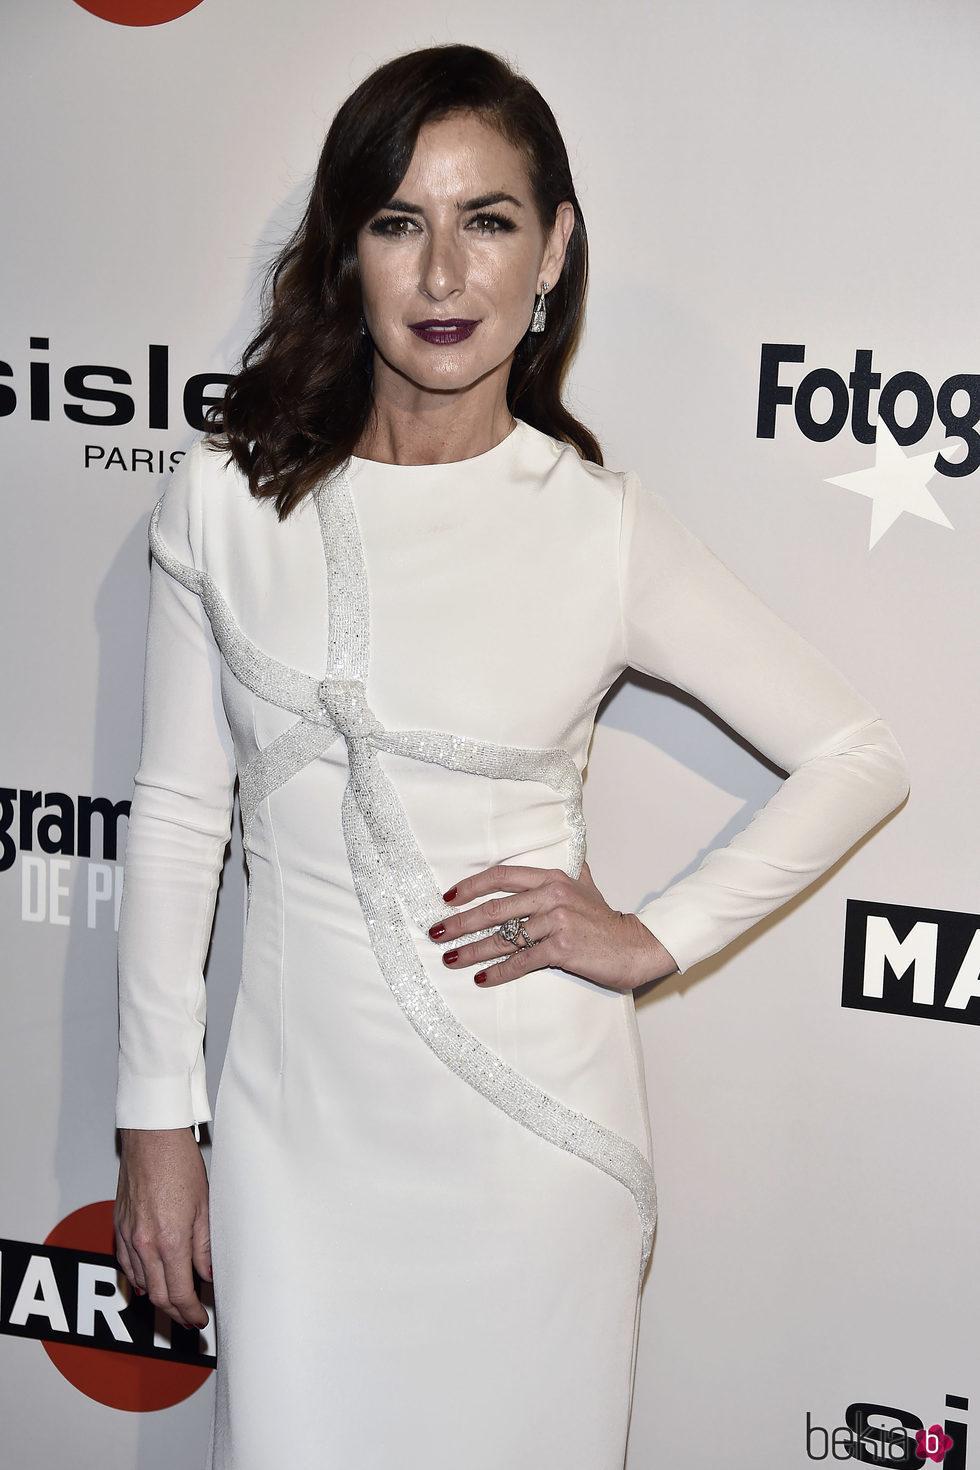 Belén López en la alfombra roja de los Premios Fotogramas de Plata 2016